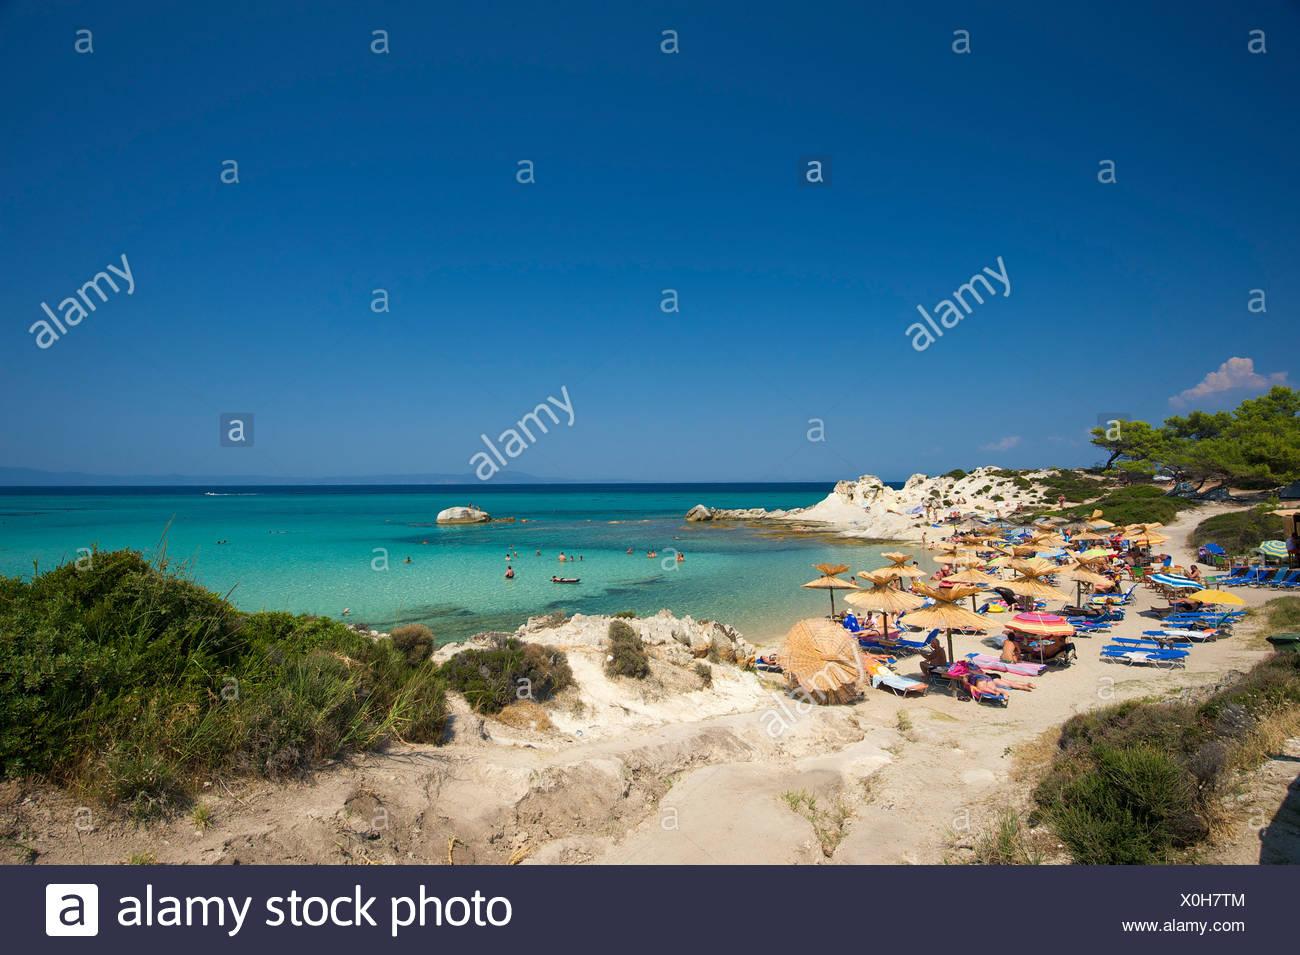 Beach, Portokali Beach, Kavourotypes, Sithonia, Halkidiki, Greece, Europe Stock Photo